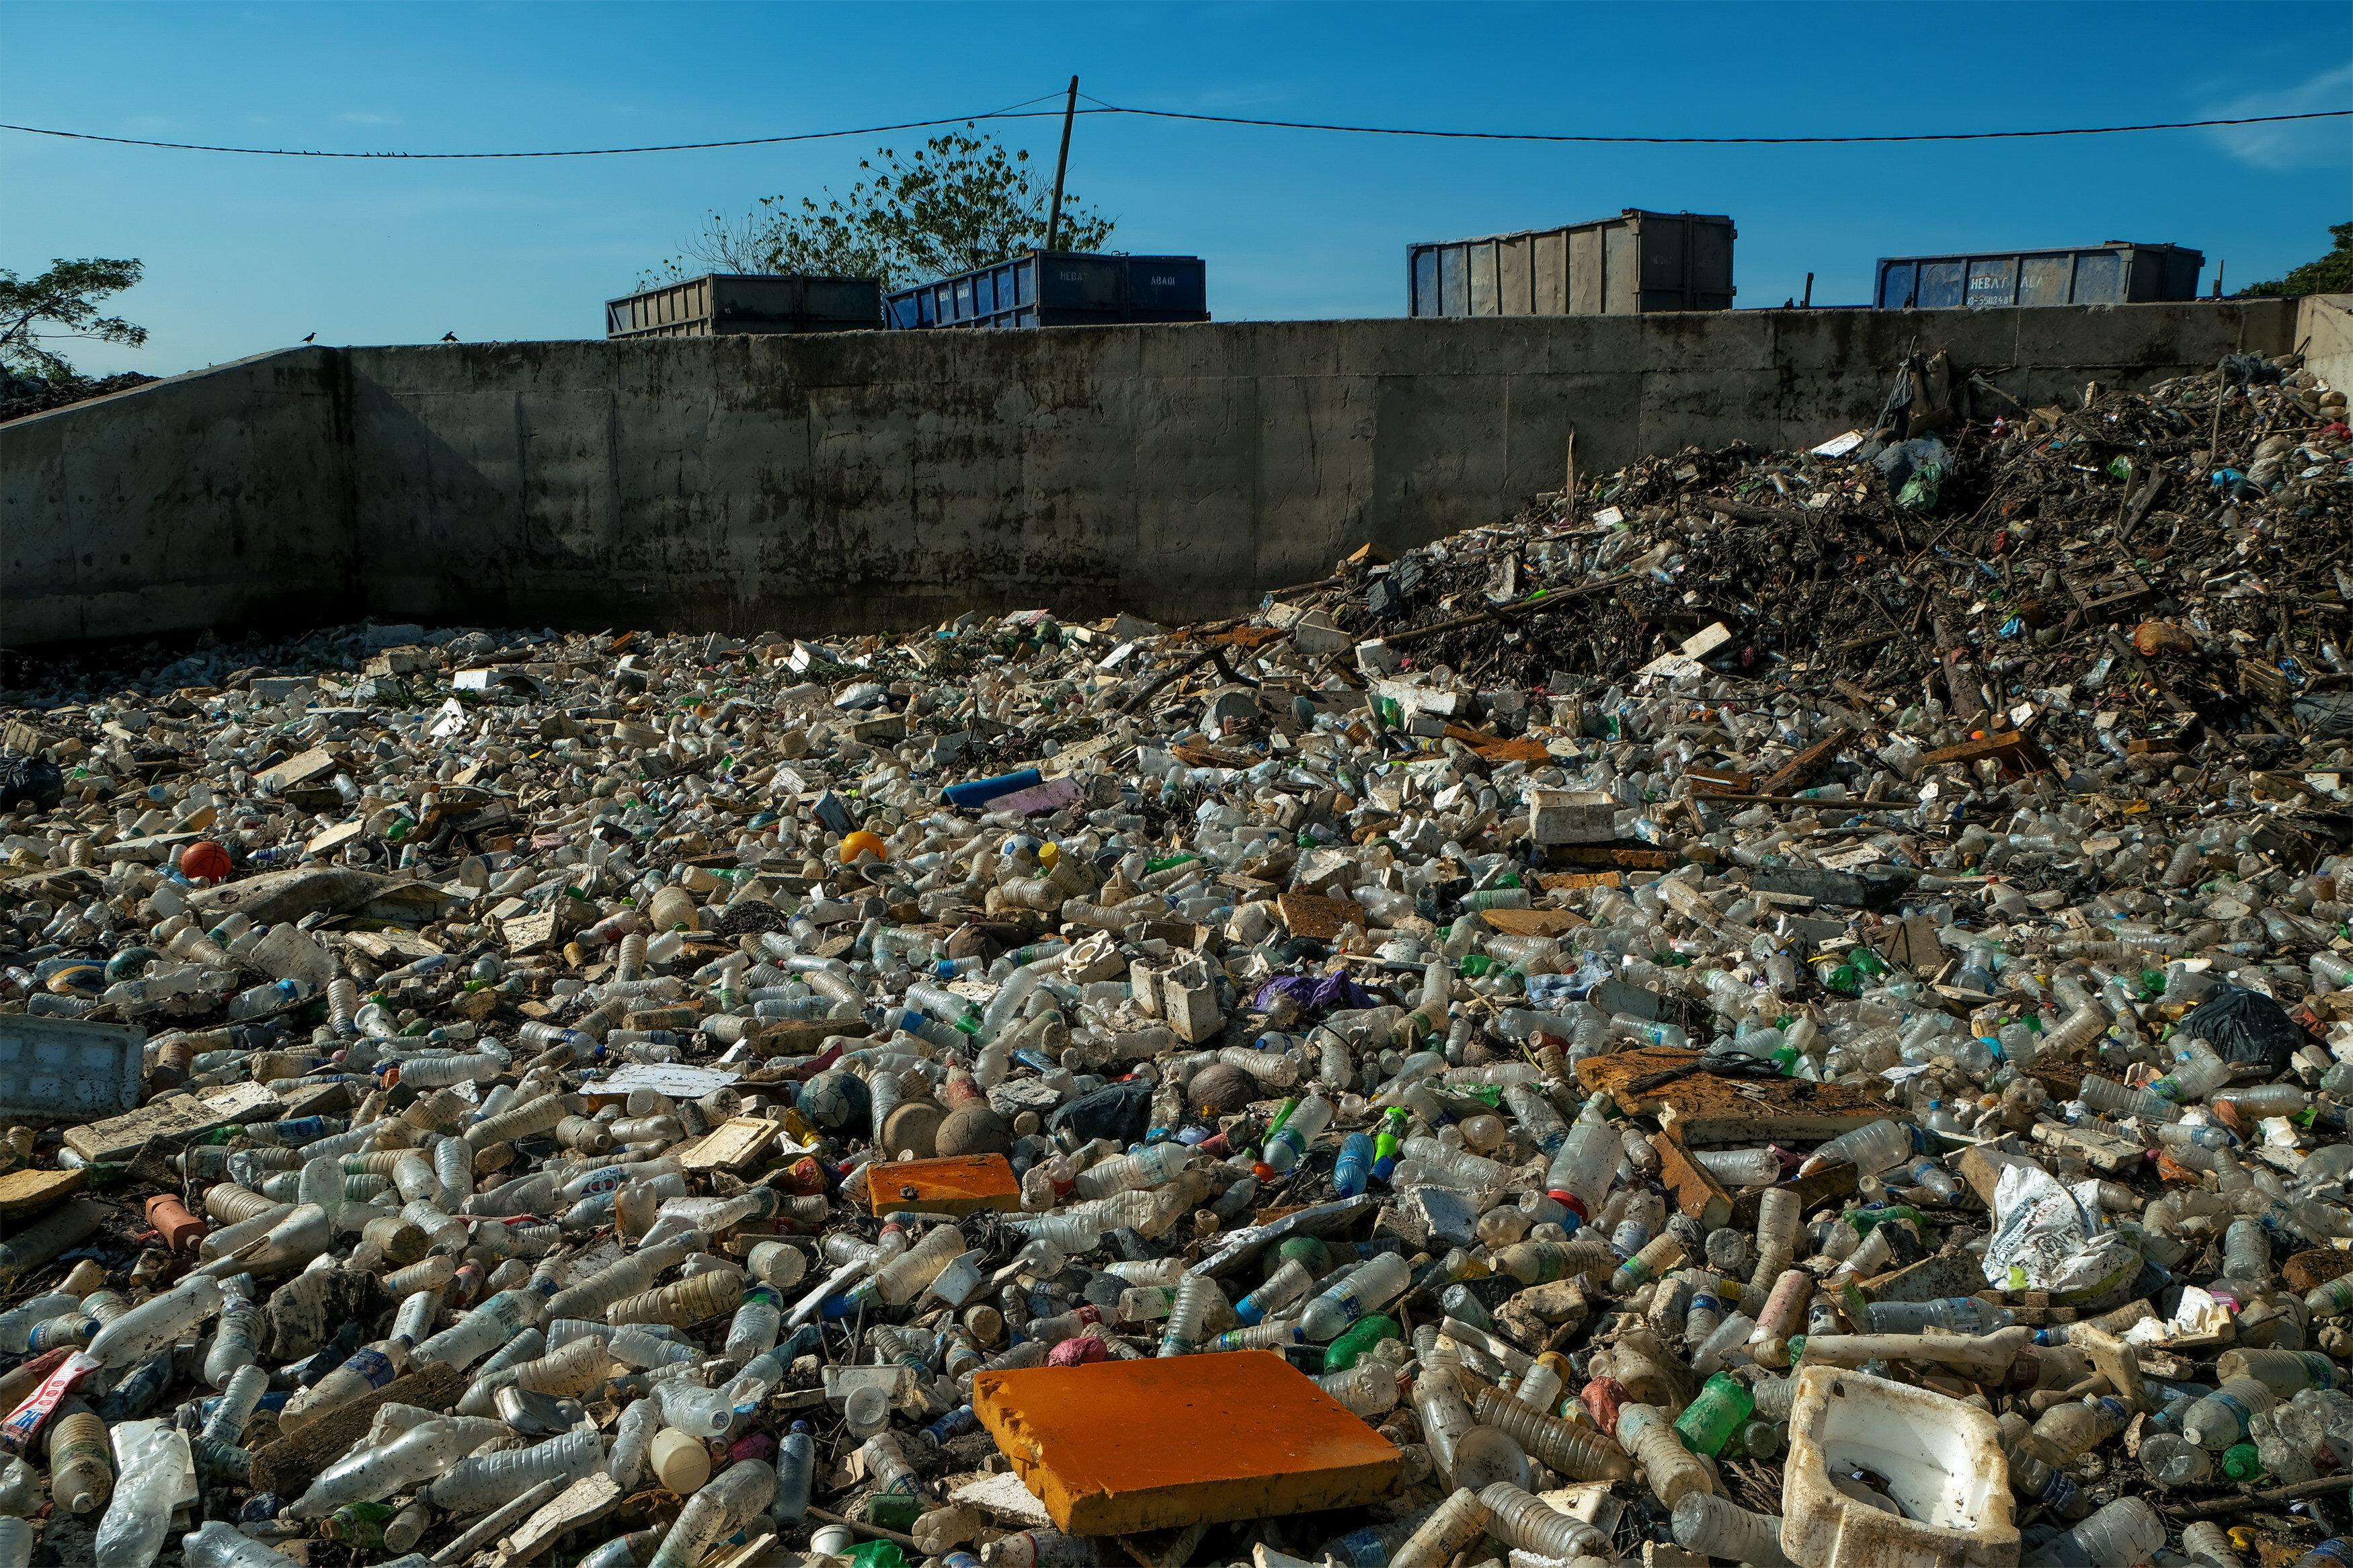 Plastica in Malesia tra riciclo illecito e mercato